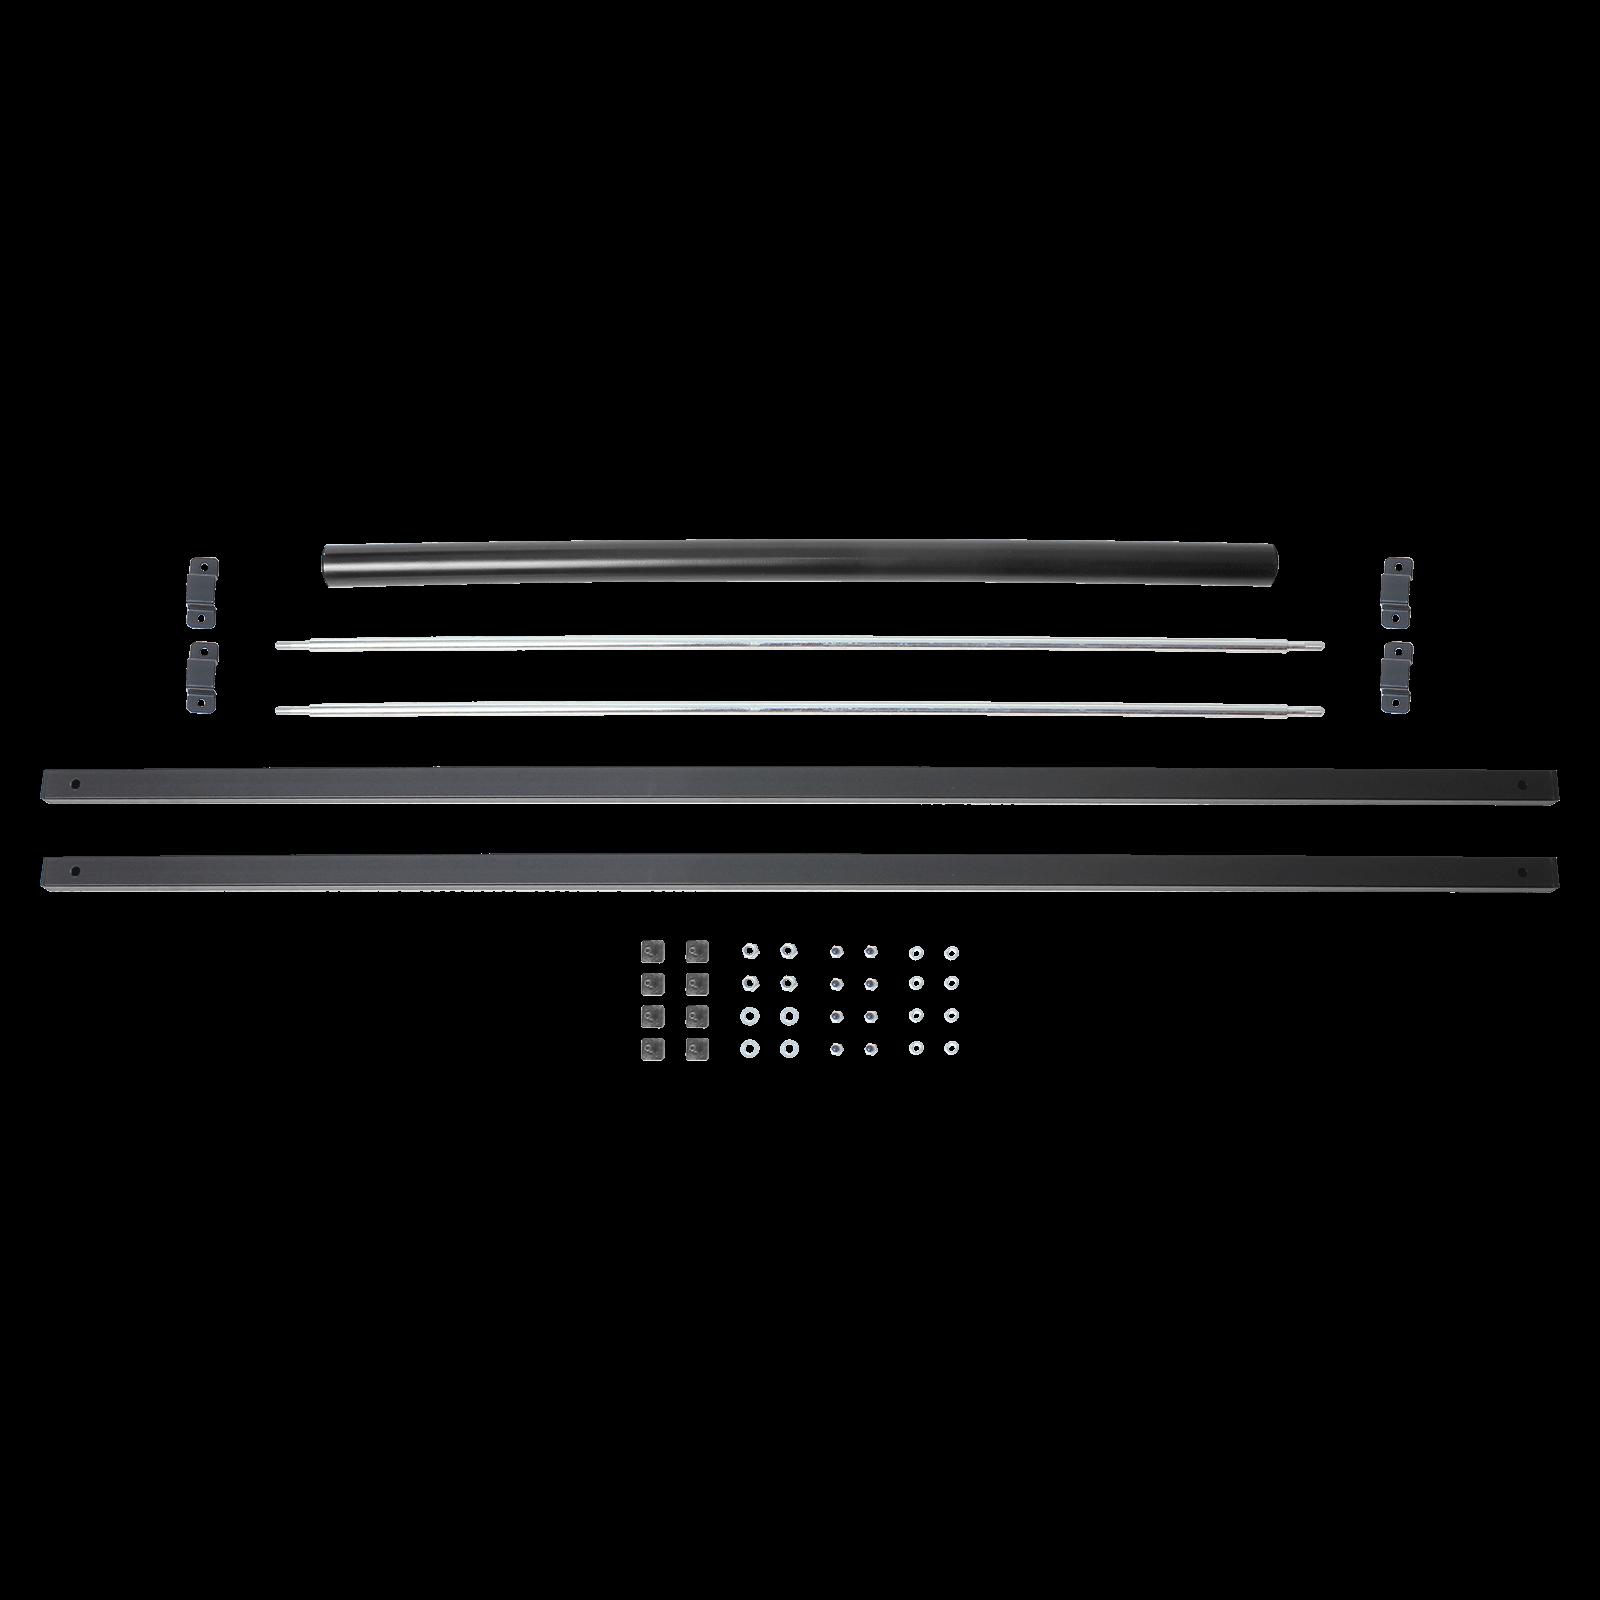 Laderolle 90x180 cm für Dachträger - Bild 2